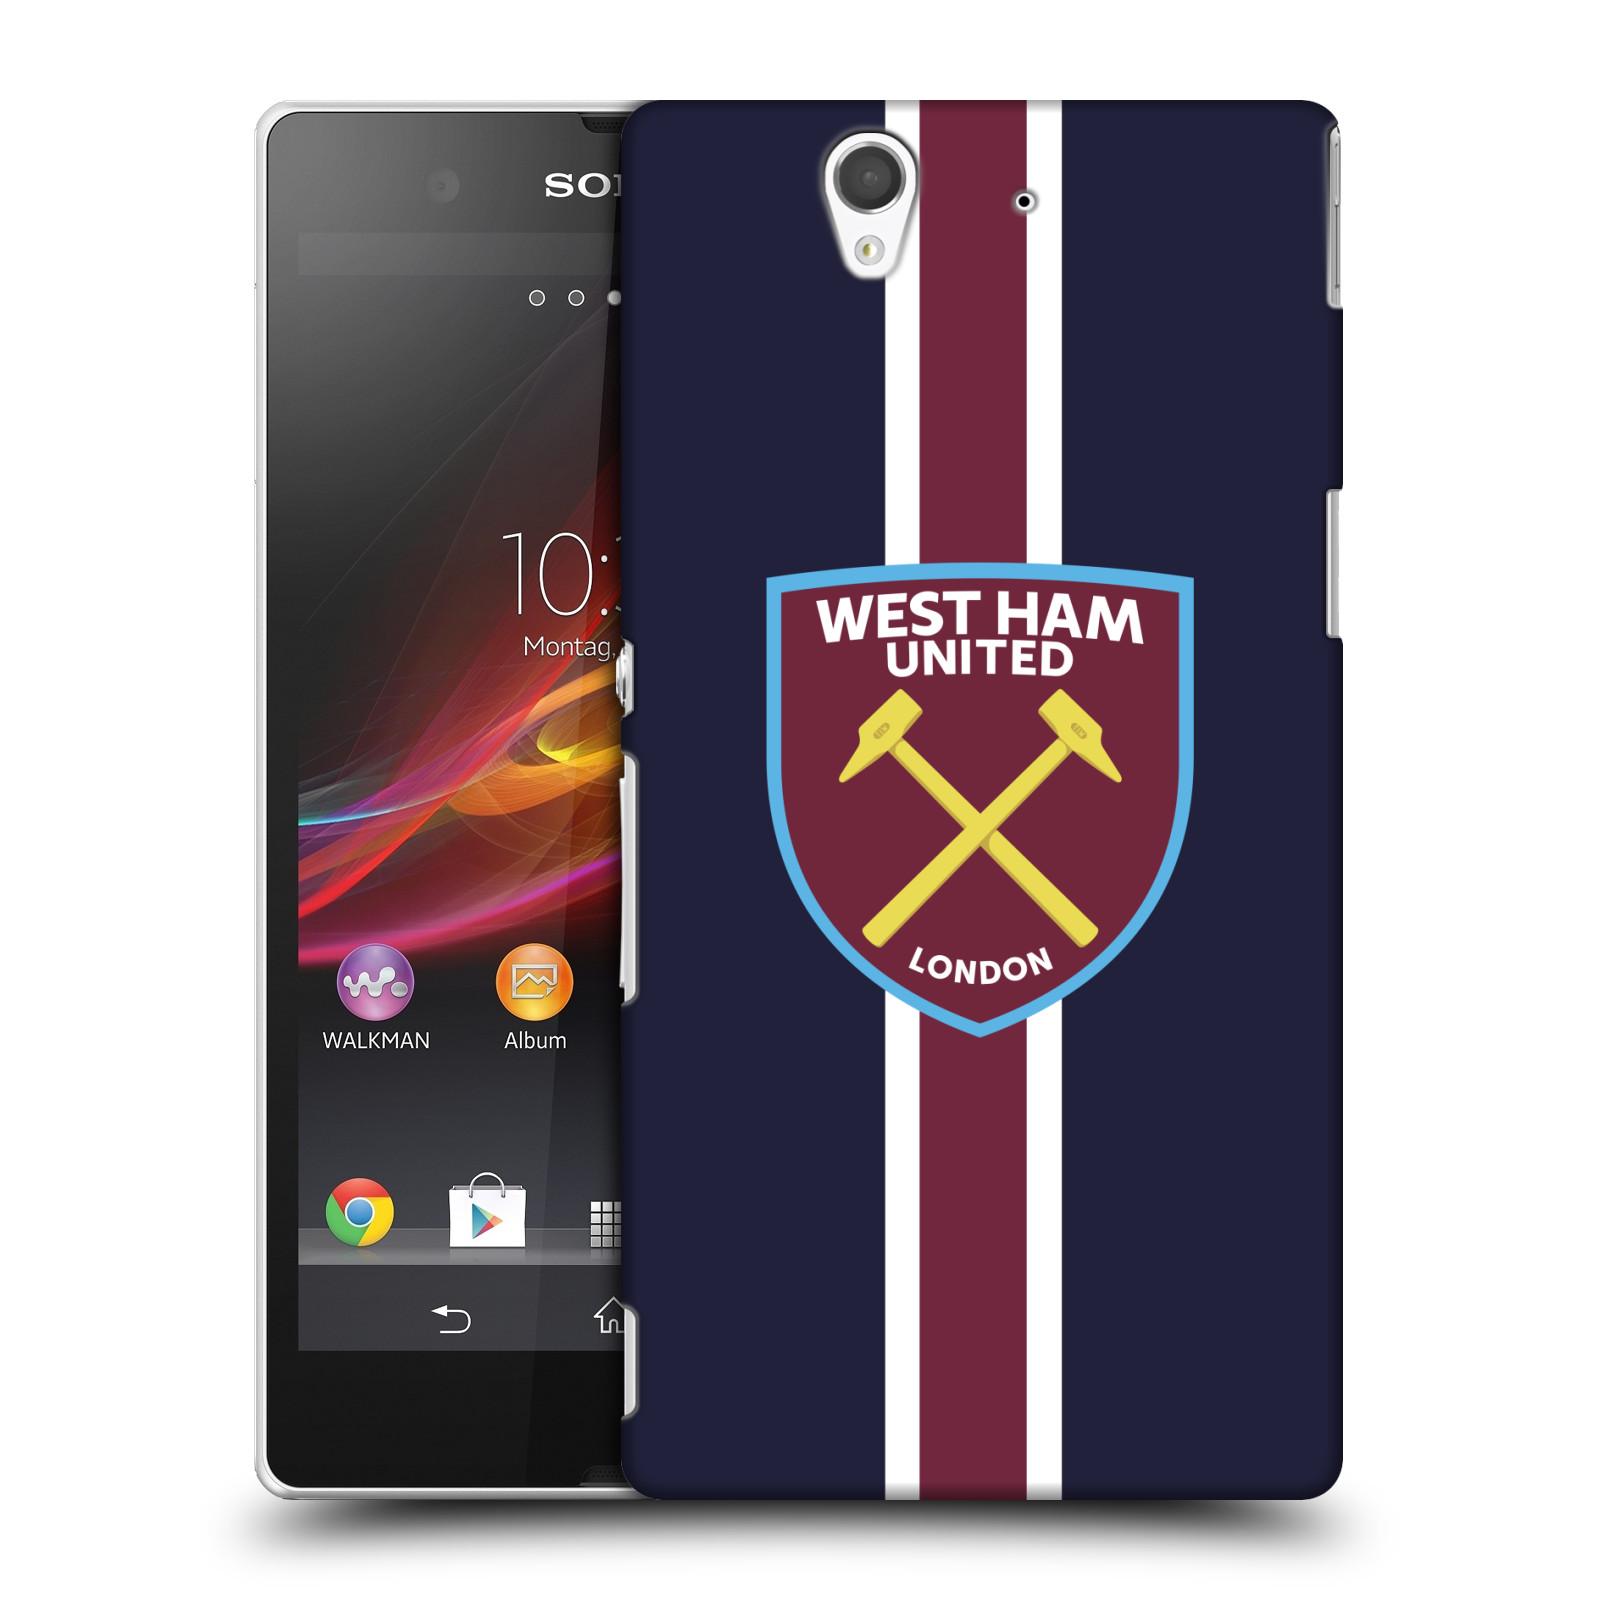 Plastové pouzdro na mobil Sony Xperia Z C6603 - Head Case - West Ham United - Pruhy